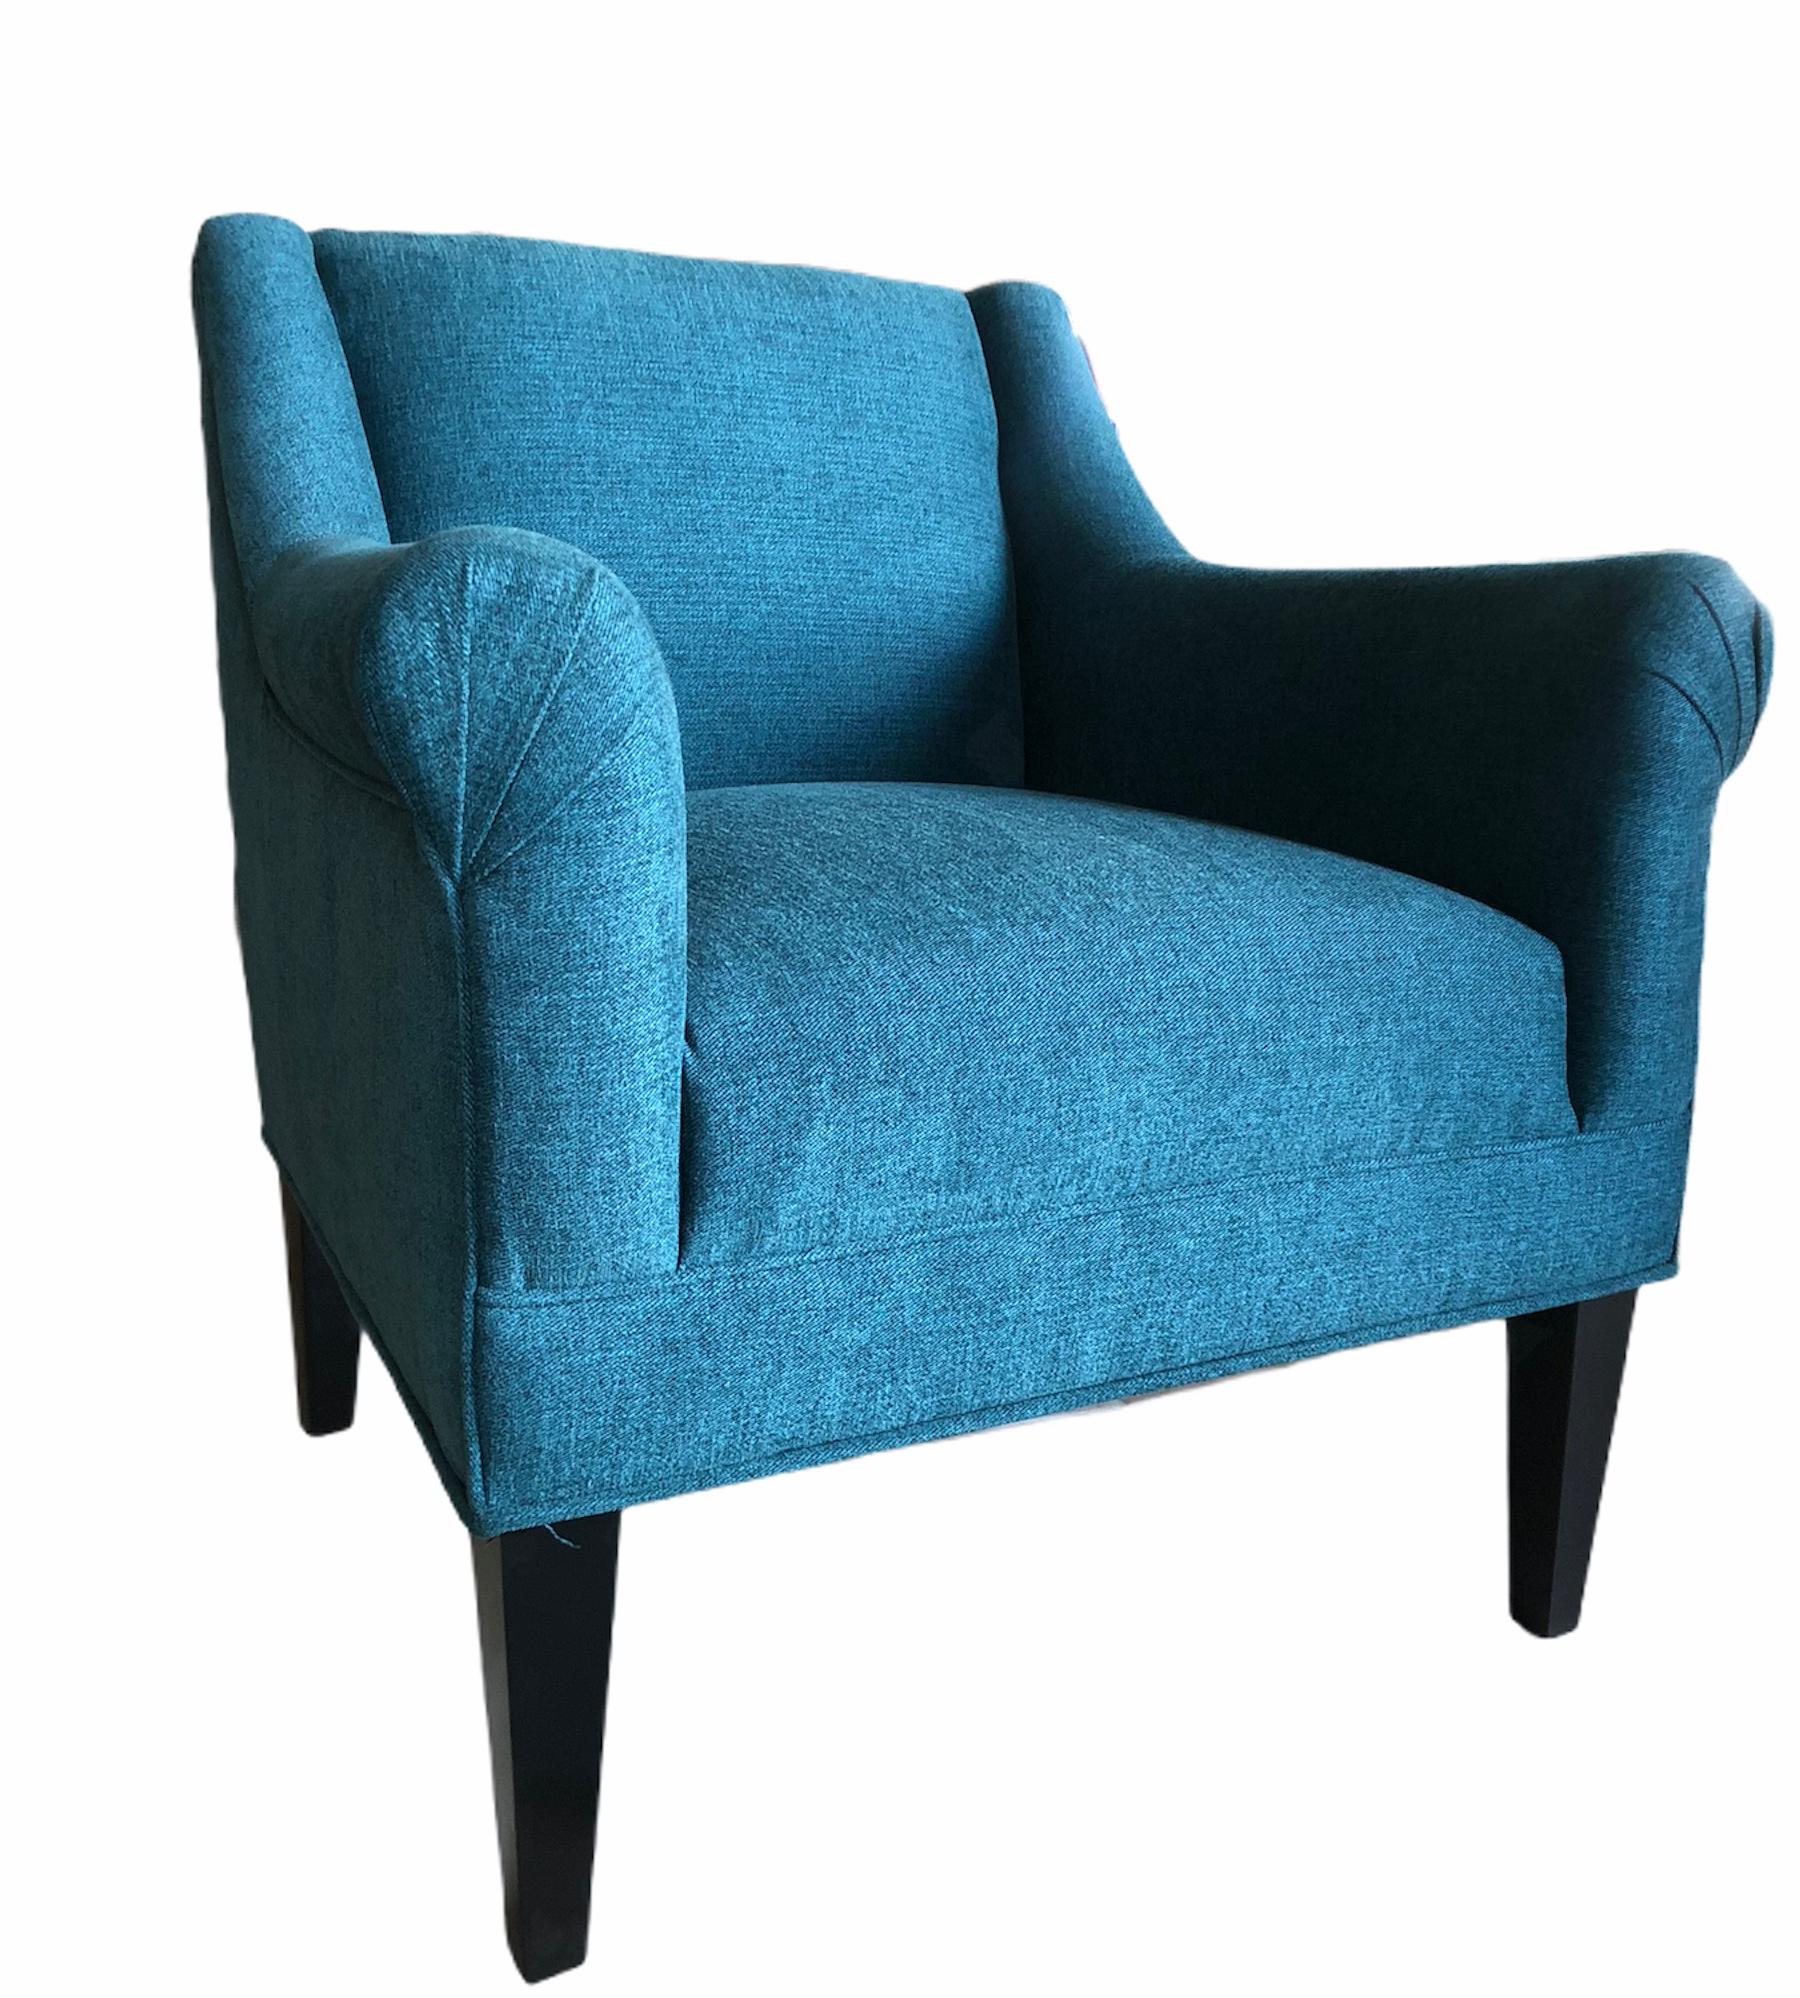 Arm chair 234